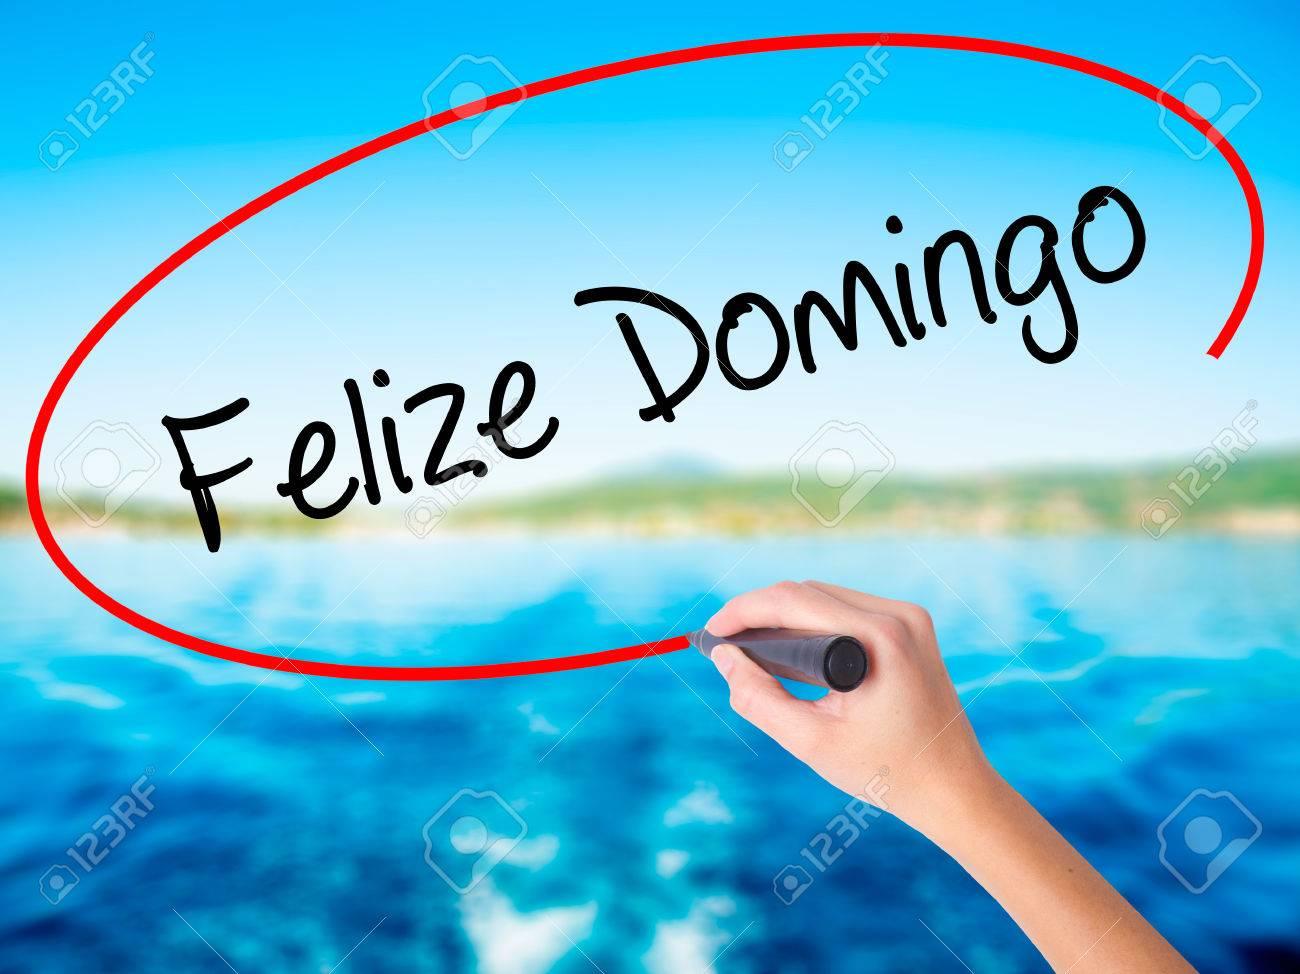 Escritura De Mano De La Mujer Felize Domingo Feliz Domingo En